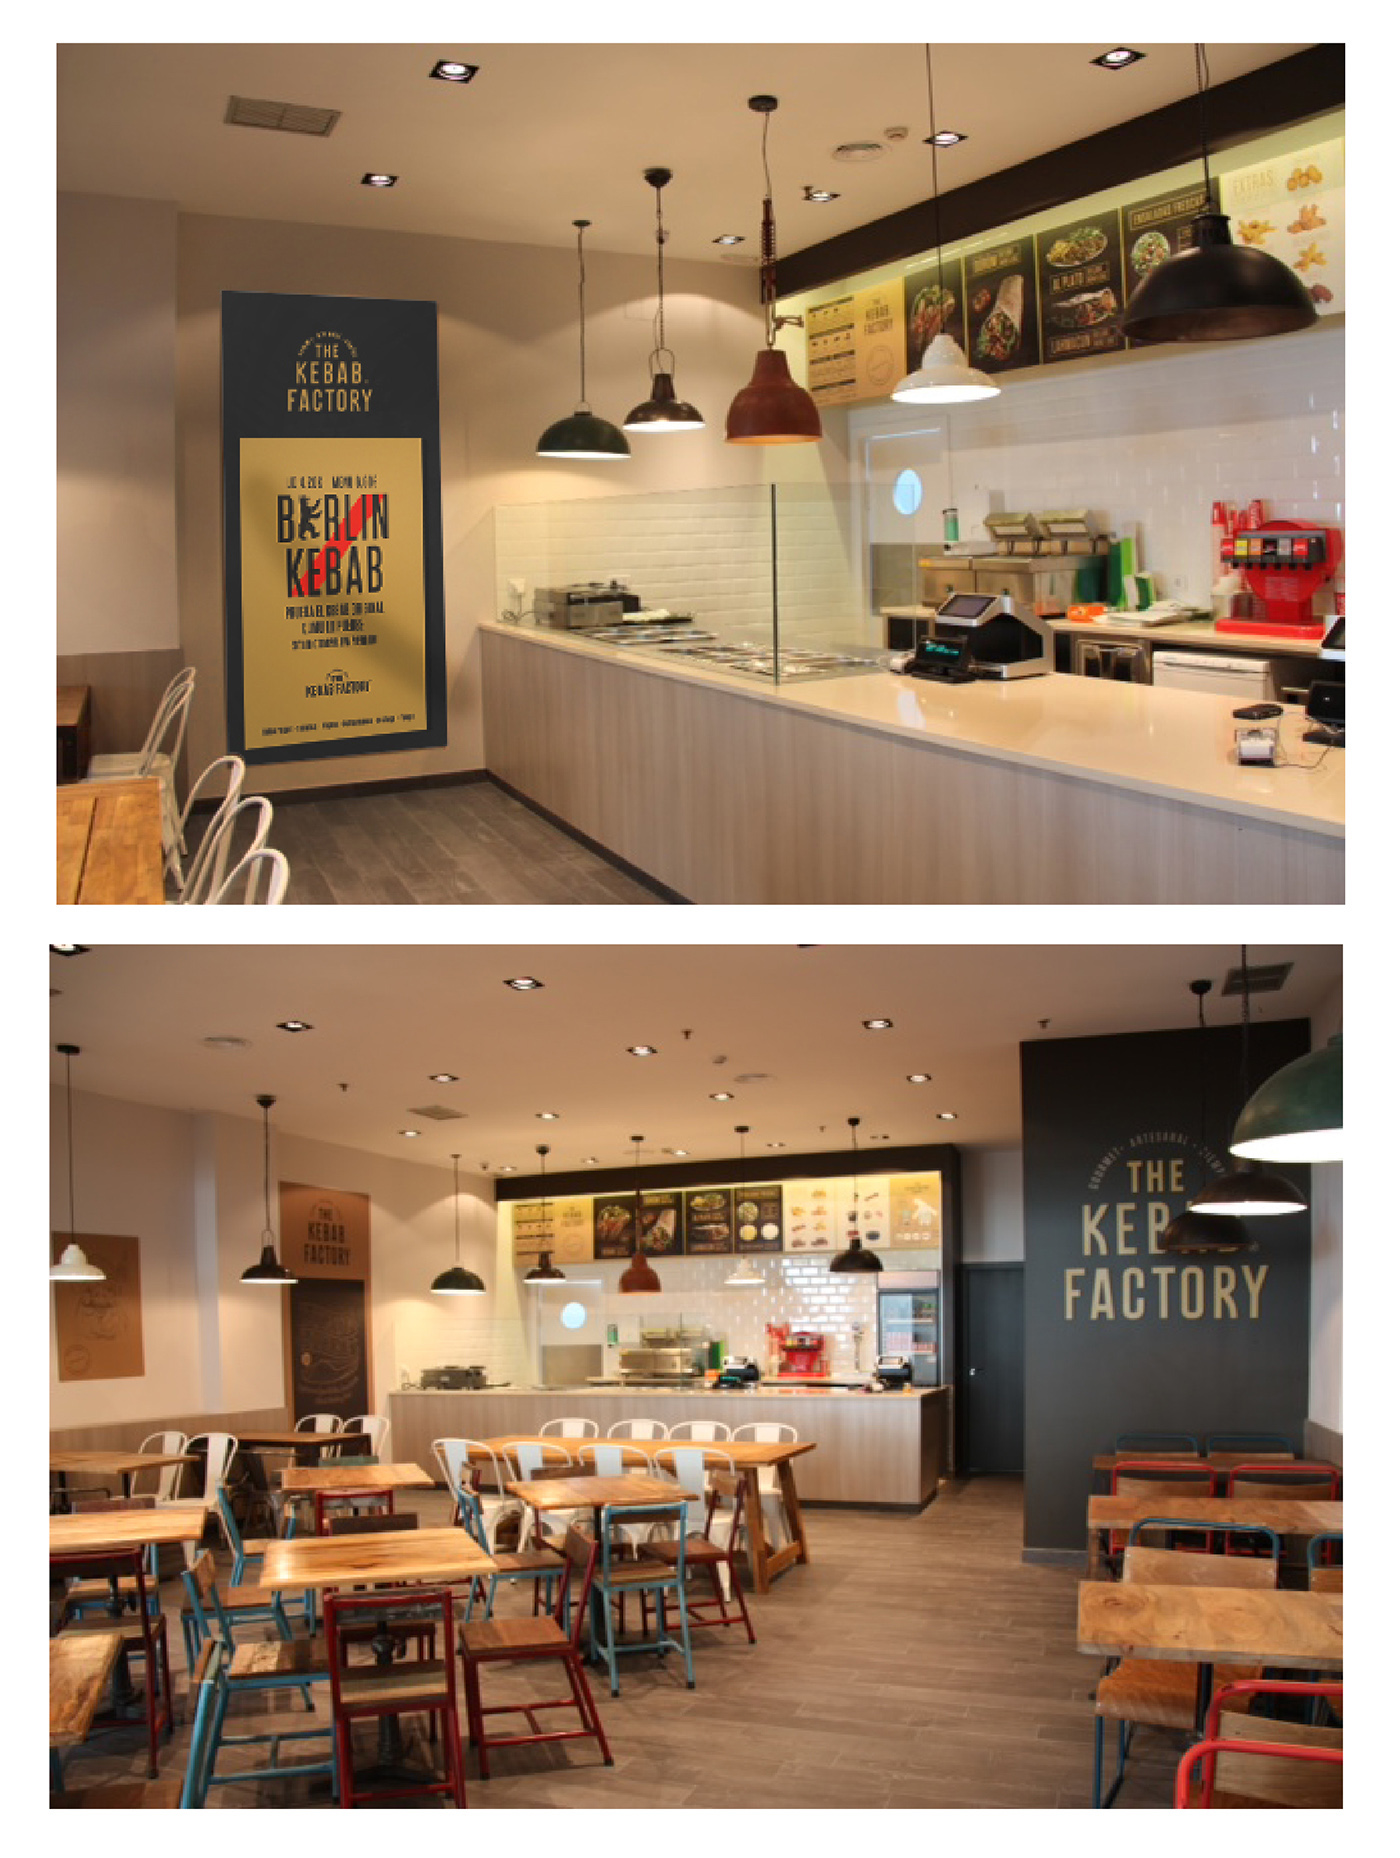 Food  kebab istambul spain comida fastfood